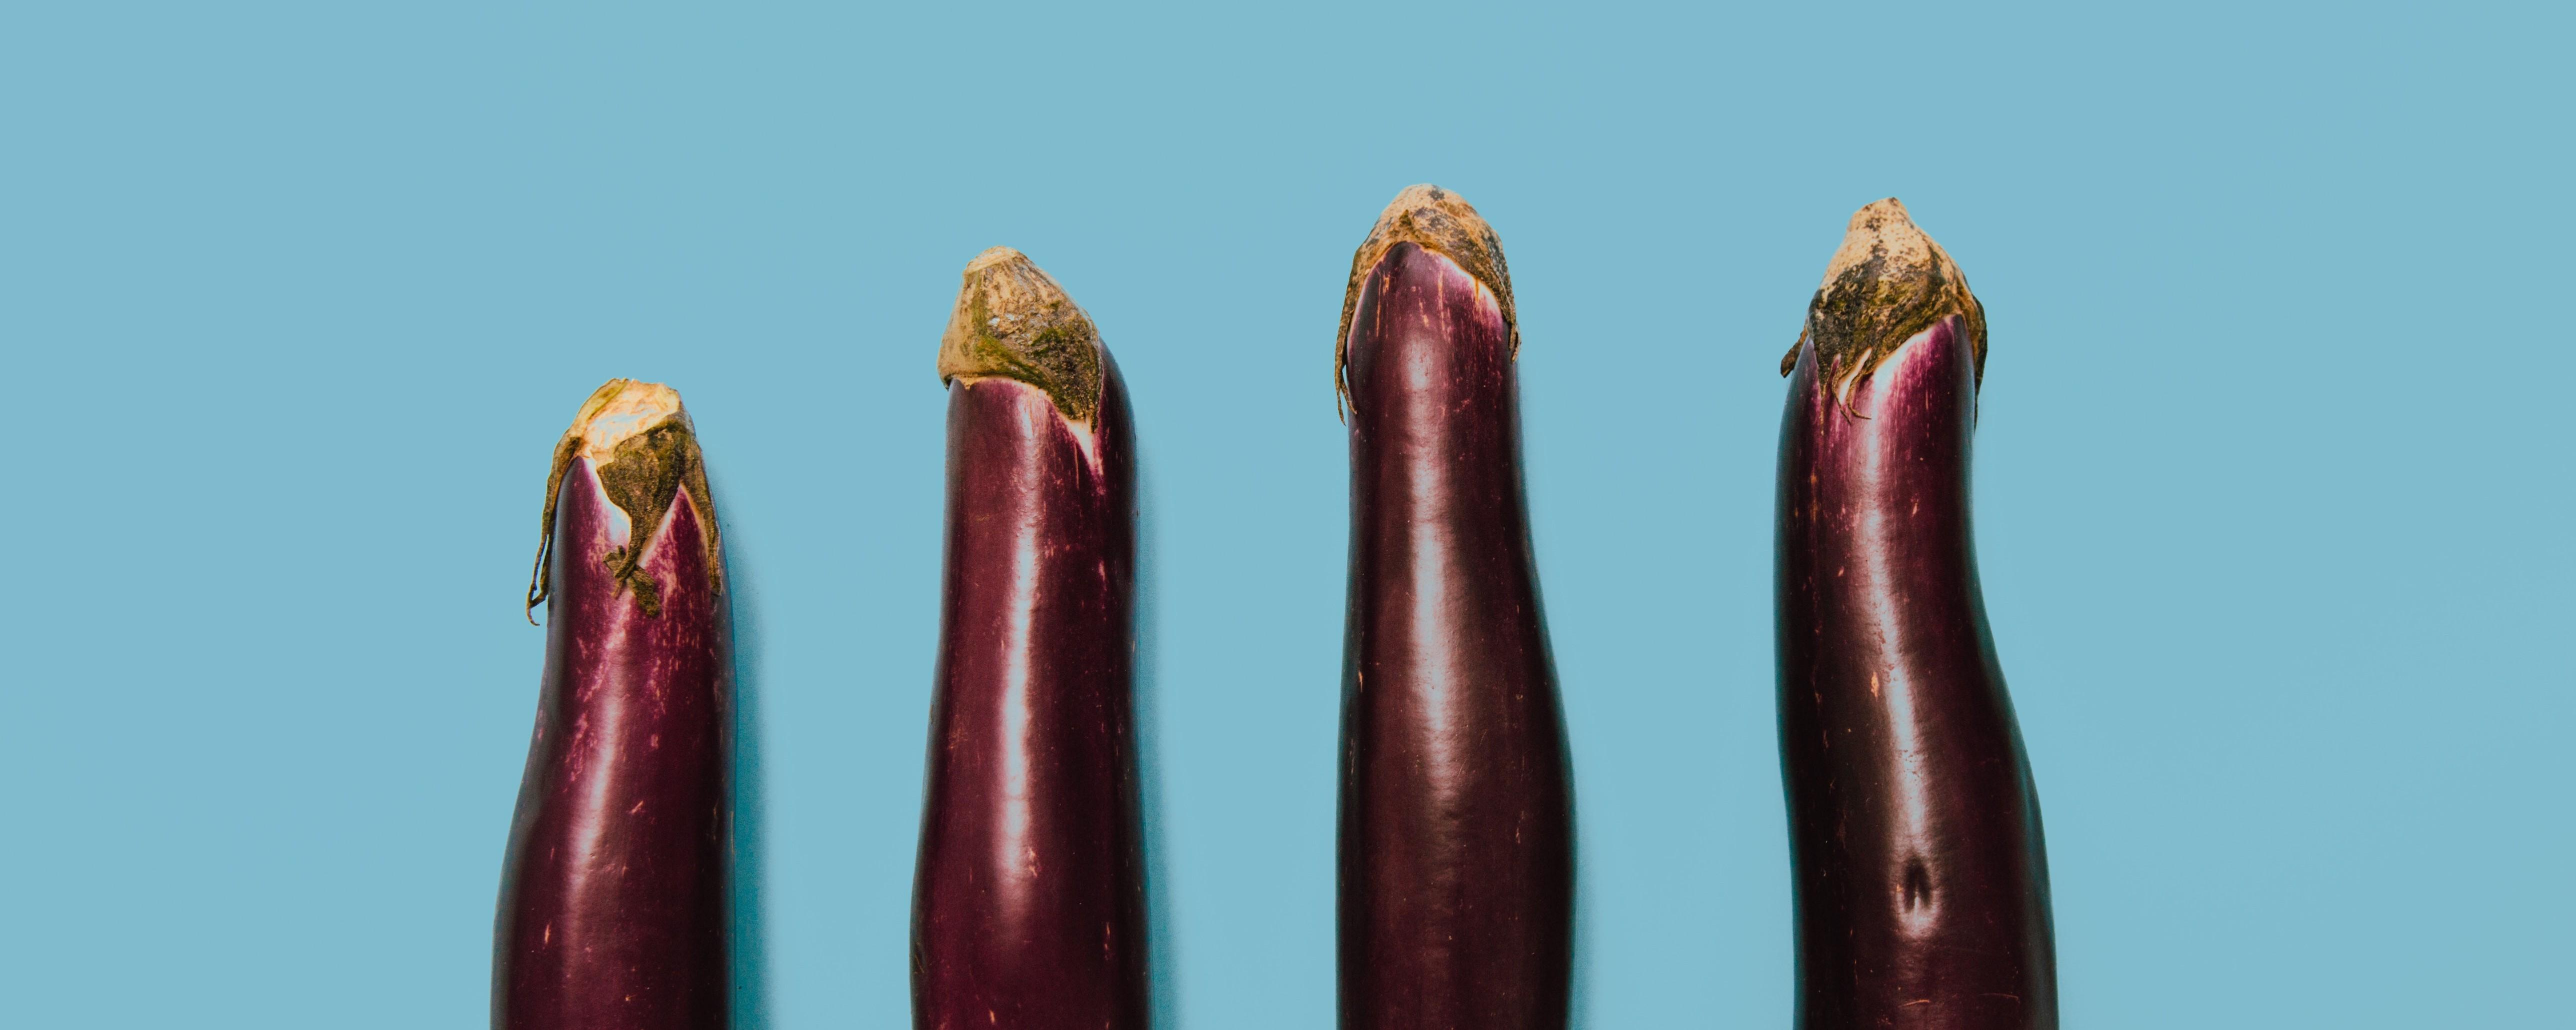 despre lungimea penisului ajutor pentru mărirea penisului